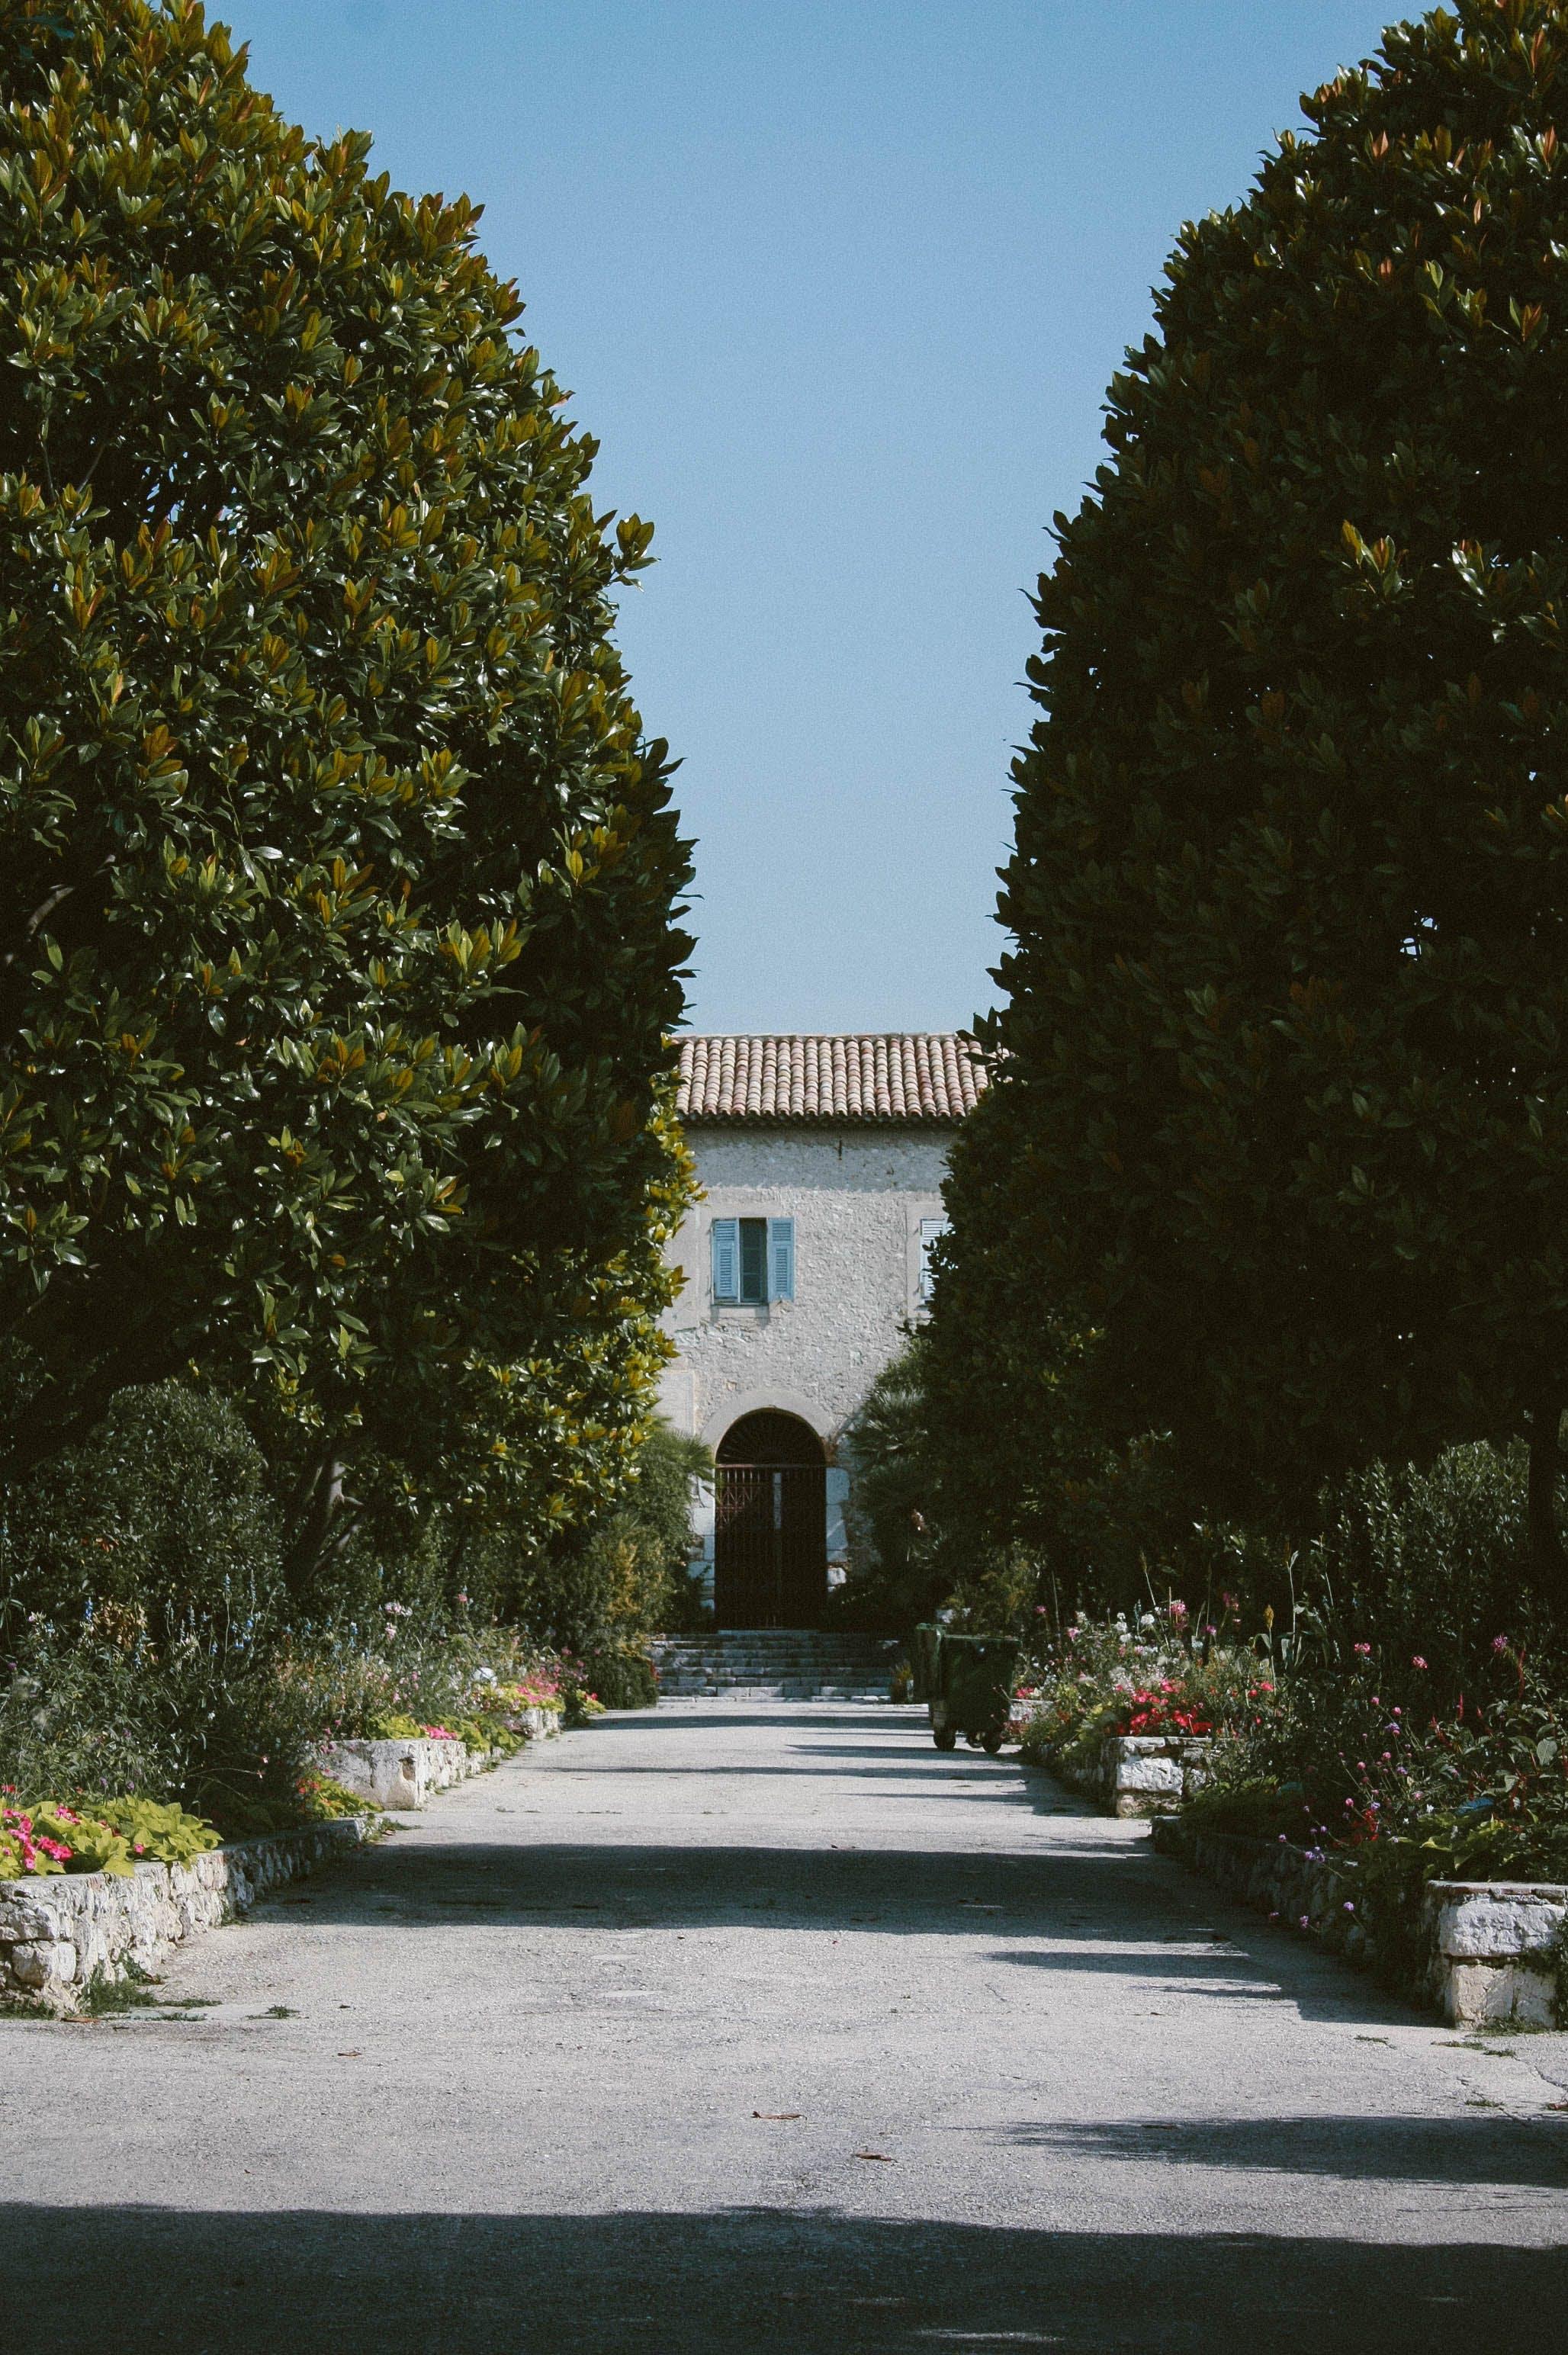 Kostenloses Stock Foto zu architektur, bäume, beratung, garten